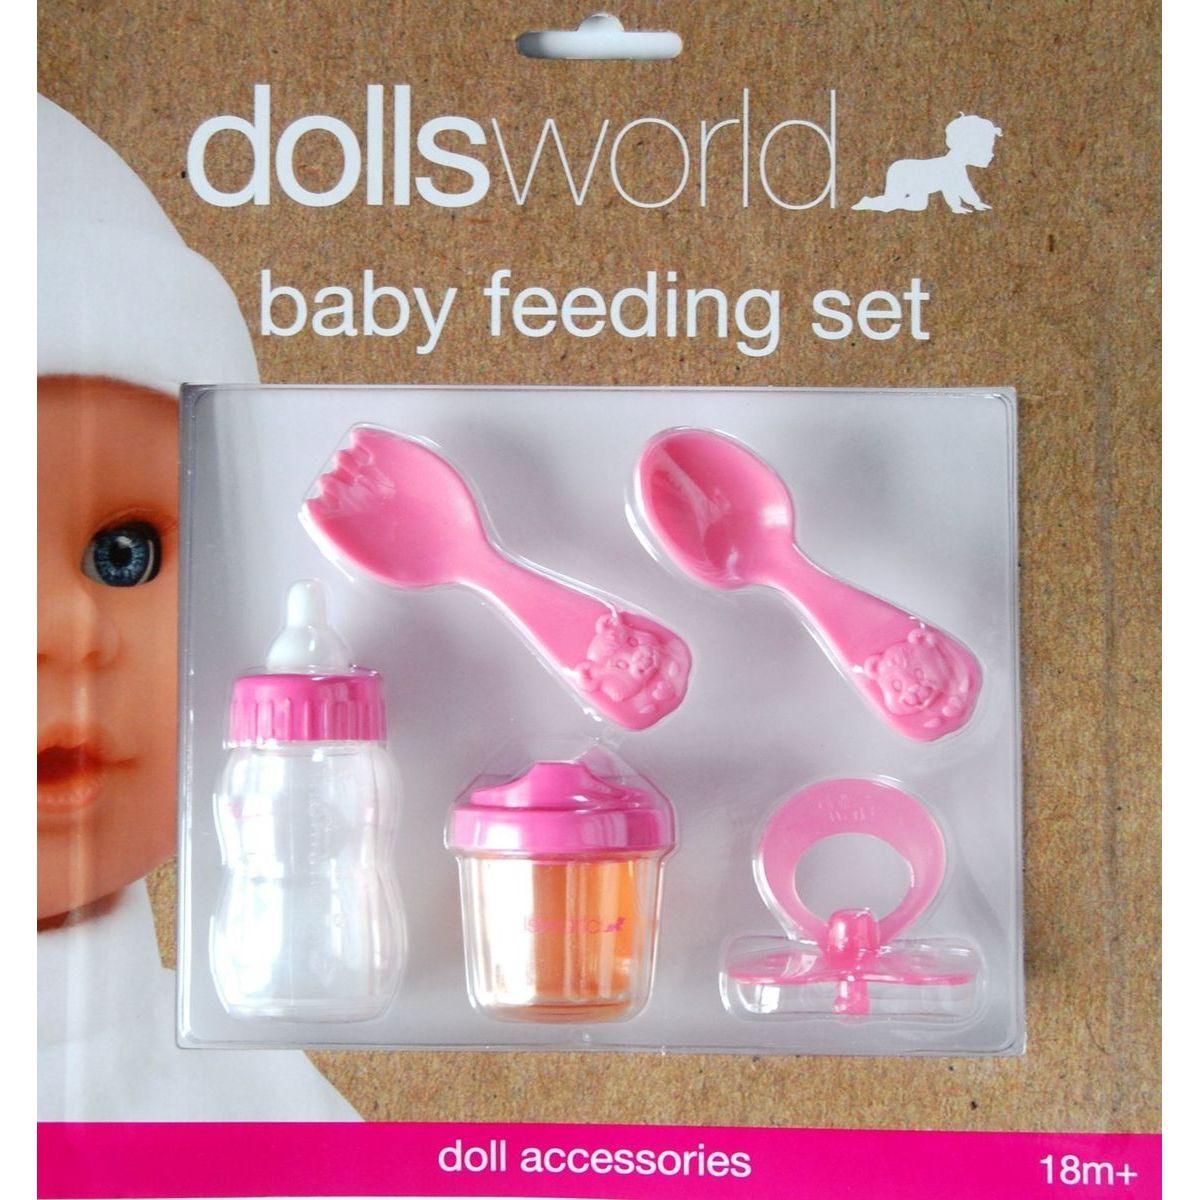 Sada na kŕmenie pre bábiky 2x fľašu, cumlík, lyžica, vidlička